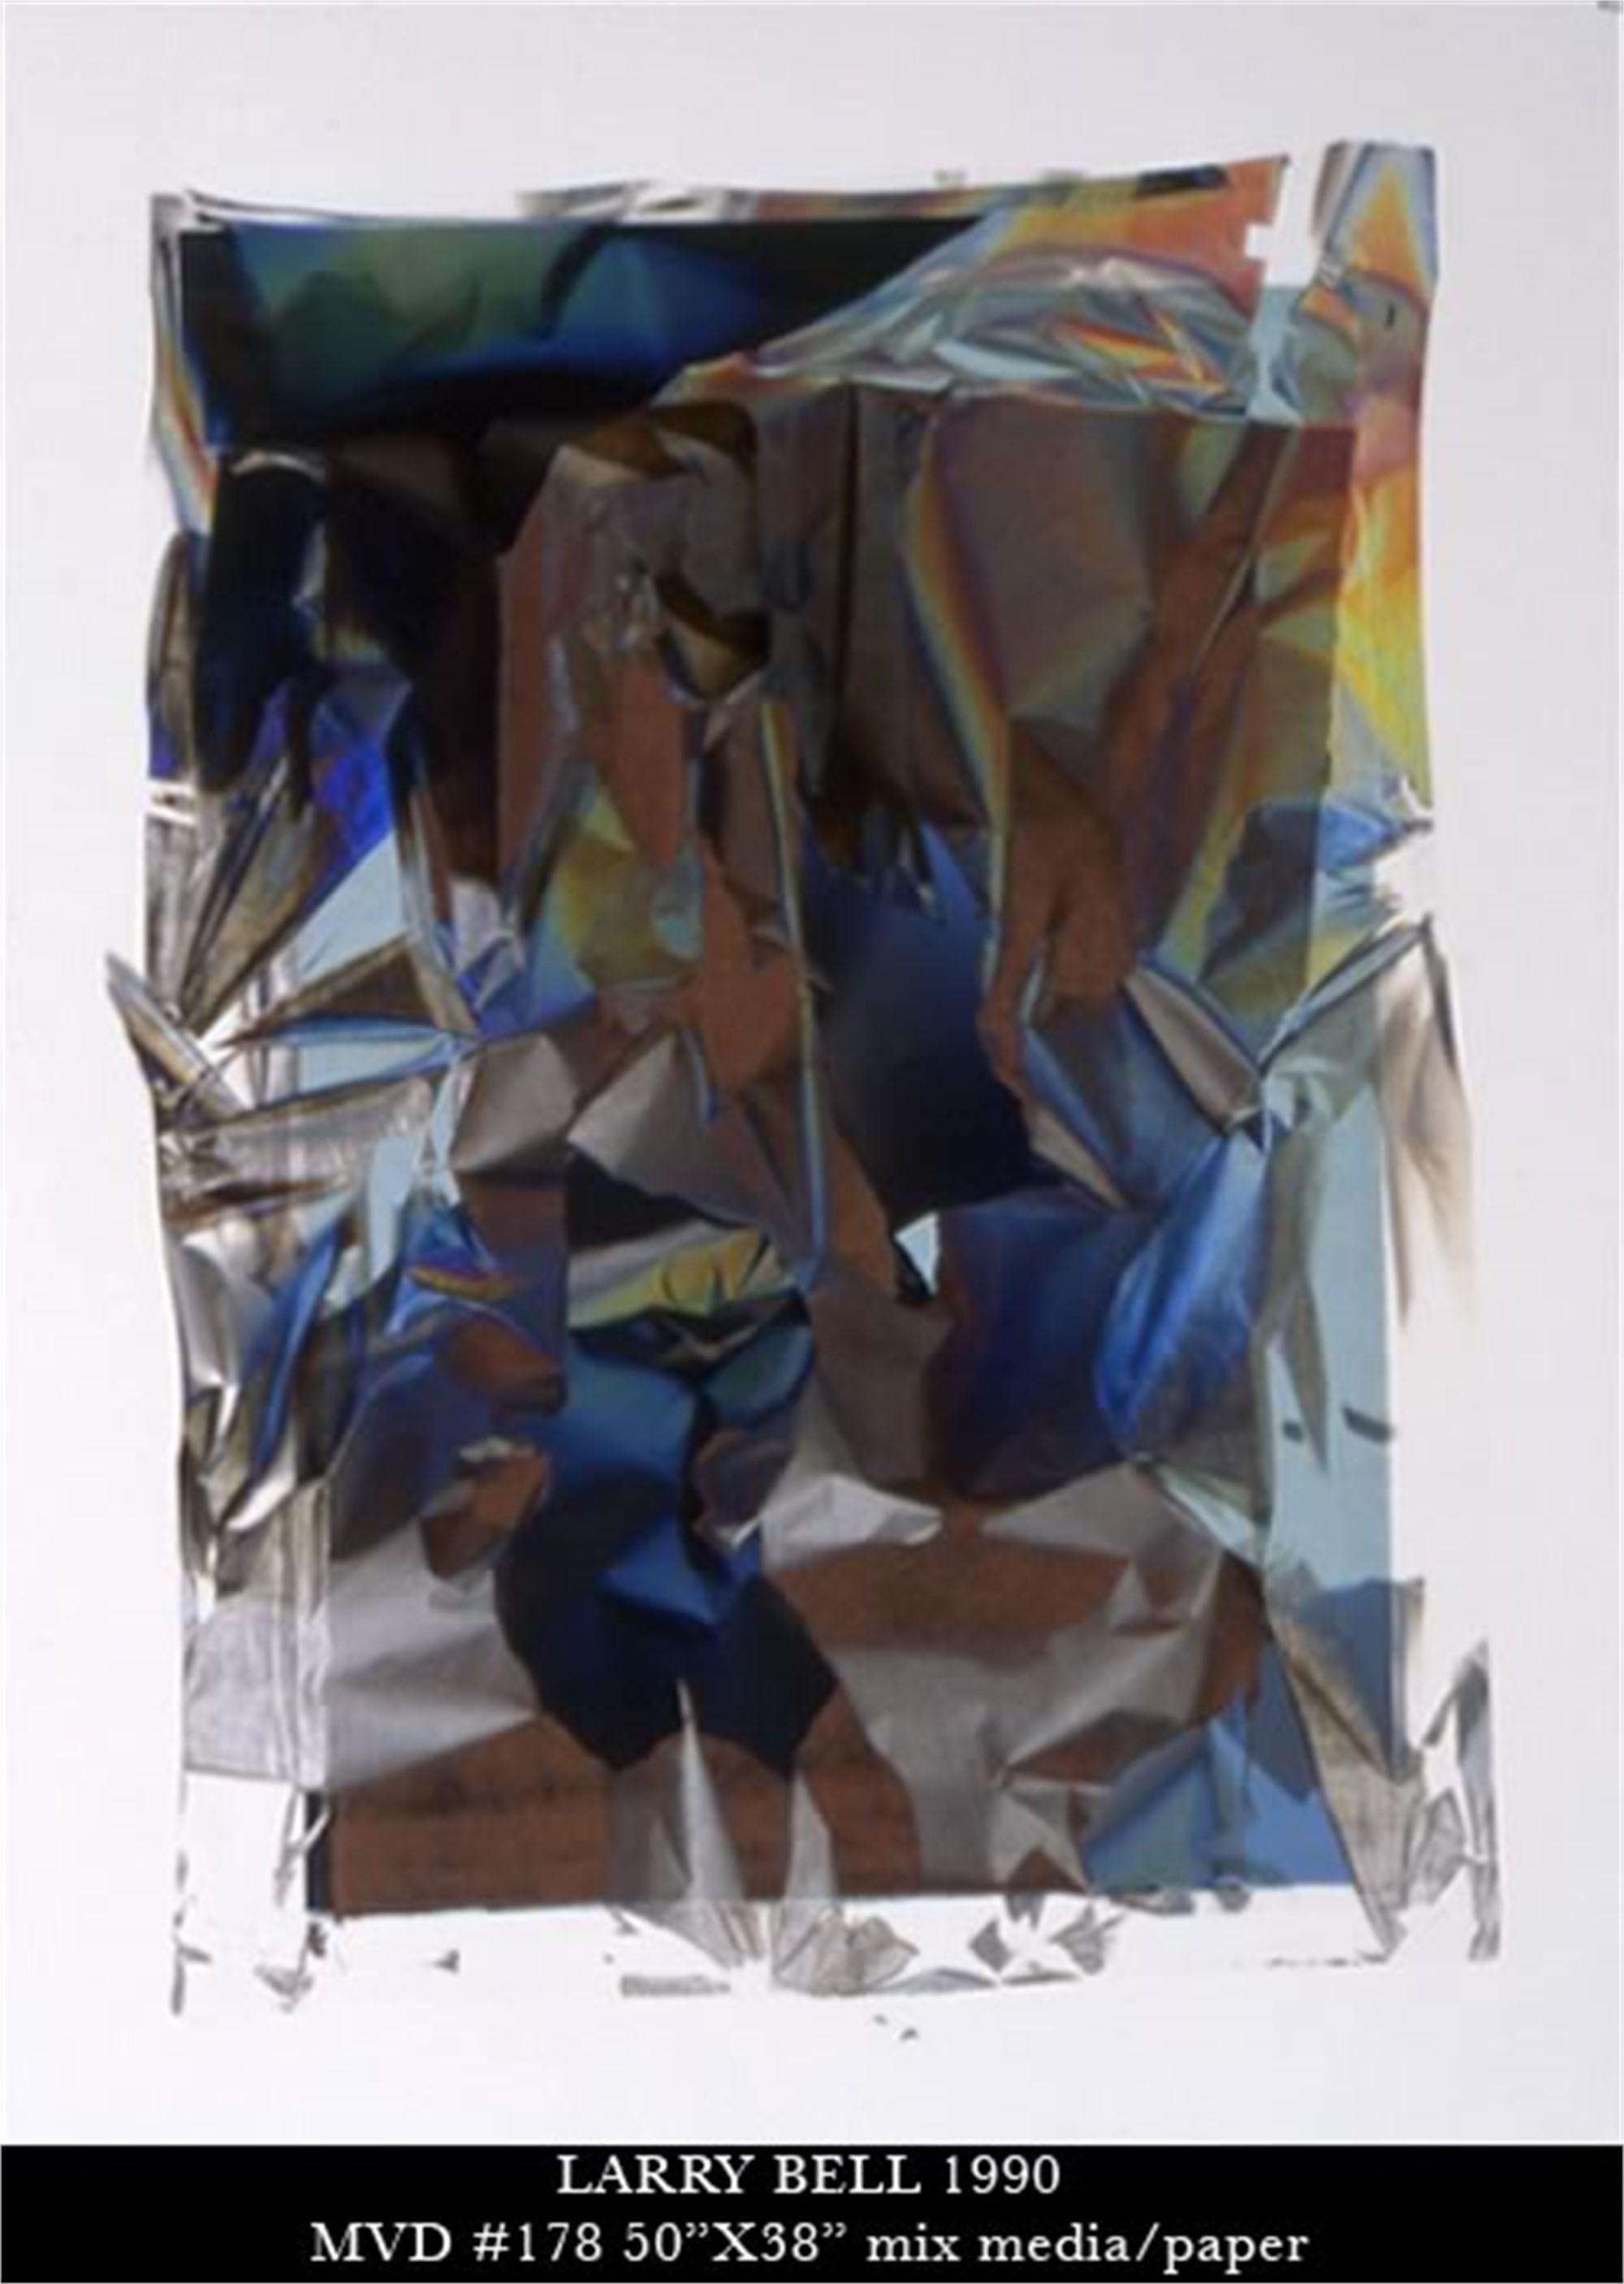 MVD 178 by Larry Bell